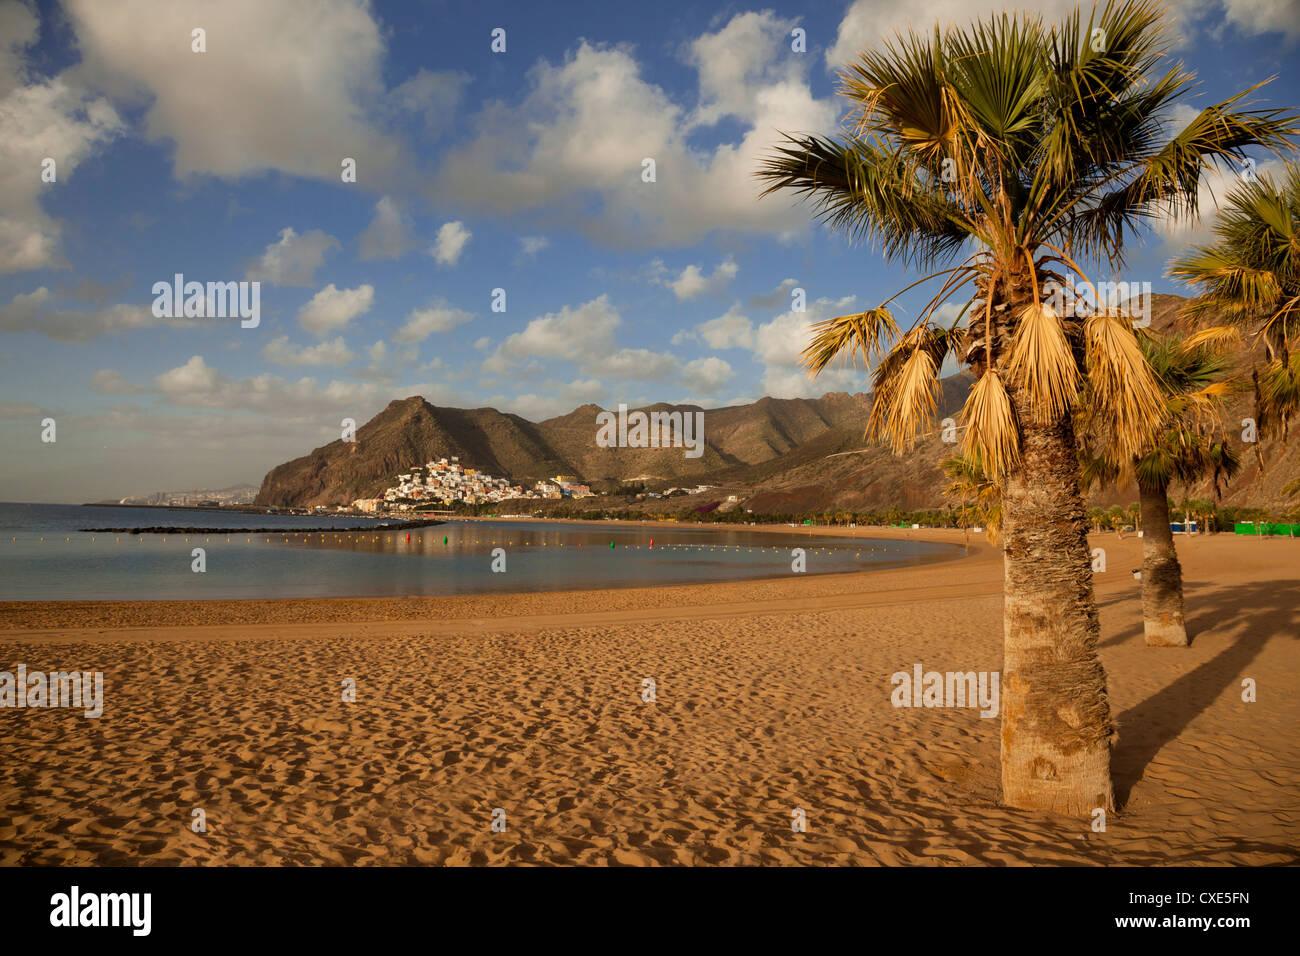 Playa de las Teresitas, temprano en la mañana la luz, Tenerife, Islas Canarias, España, Europa. Imagen De Stock